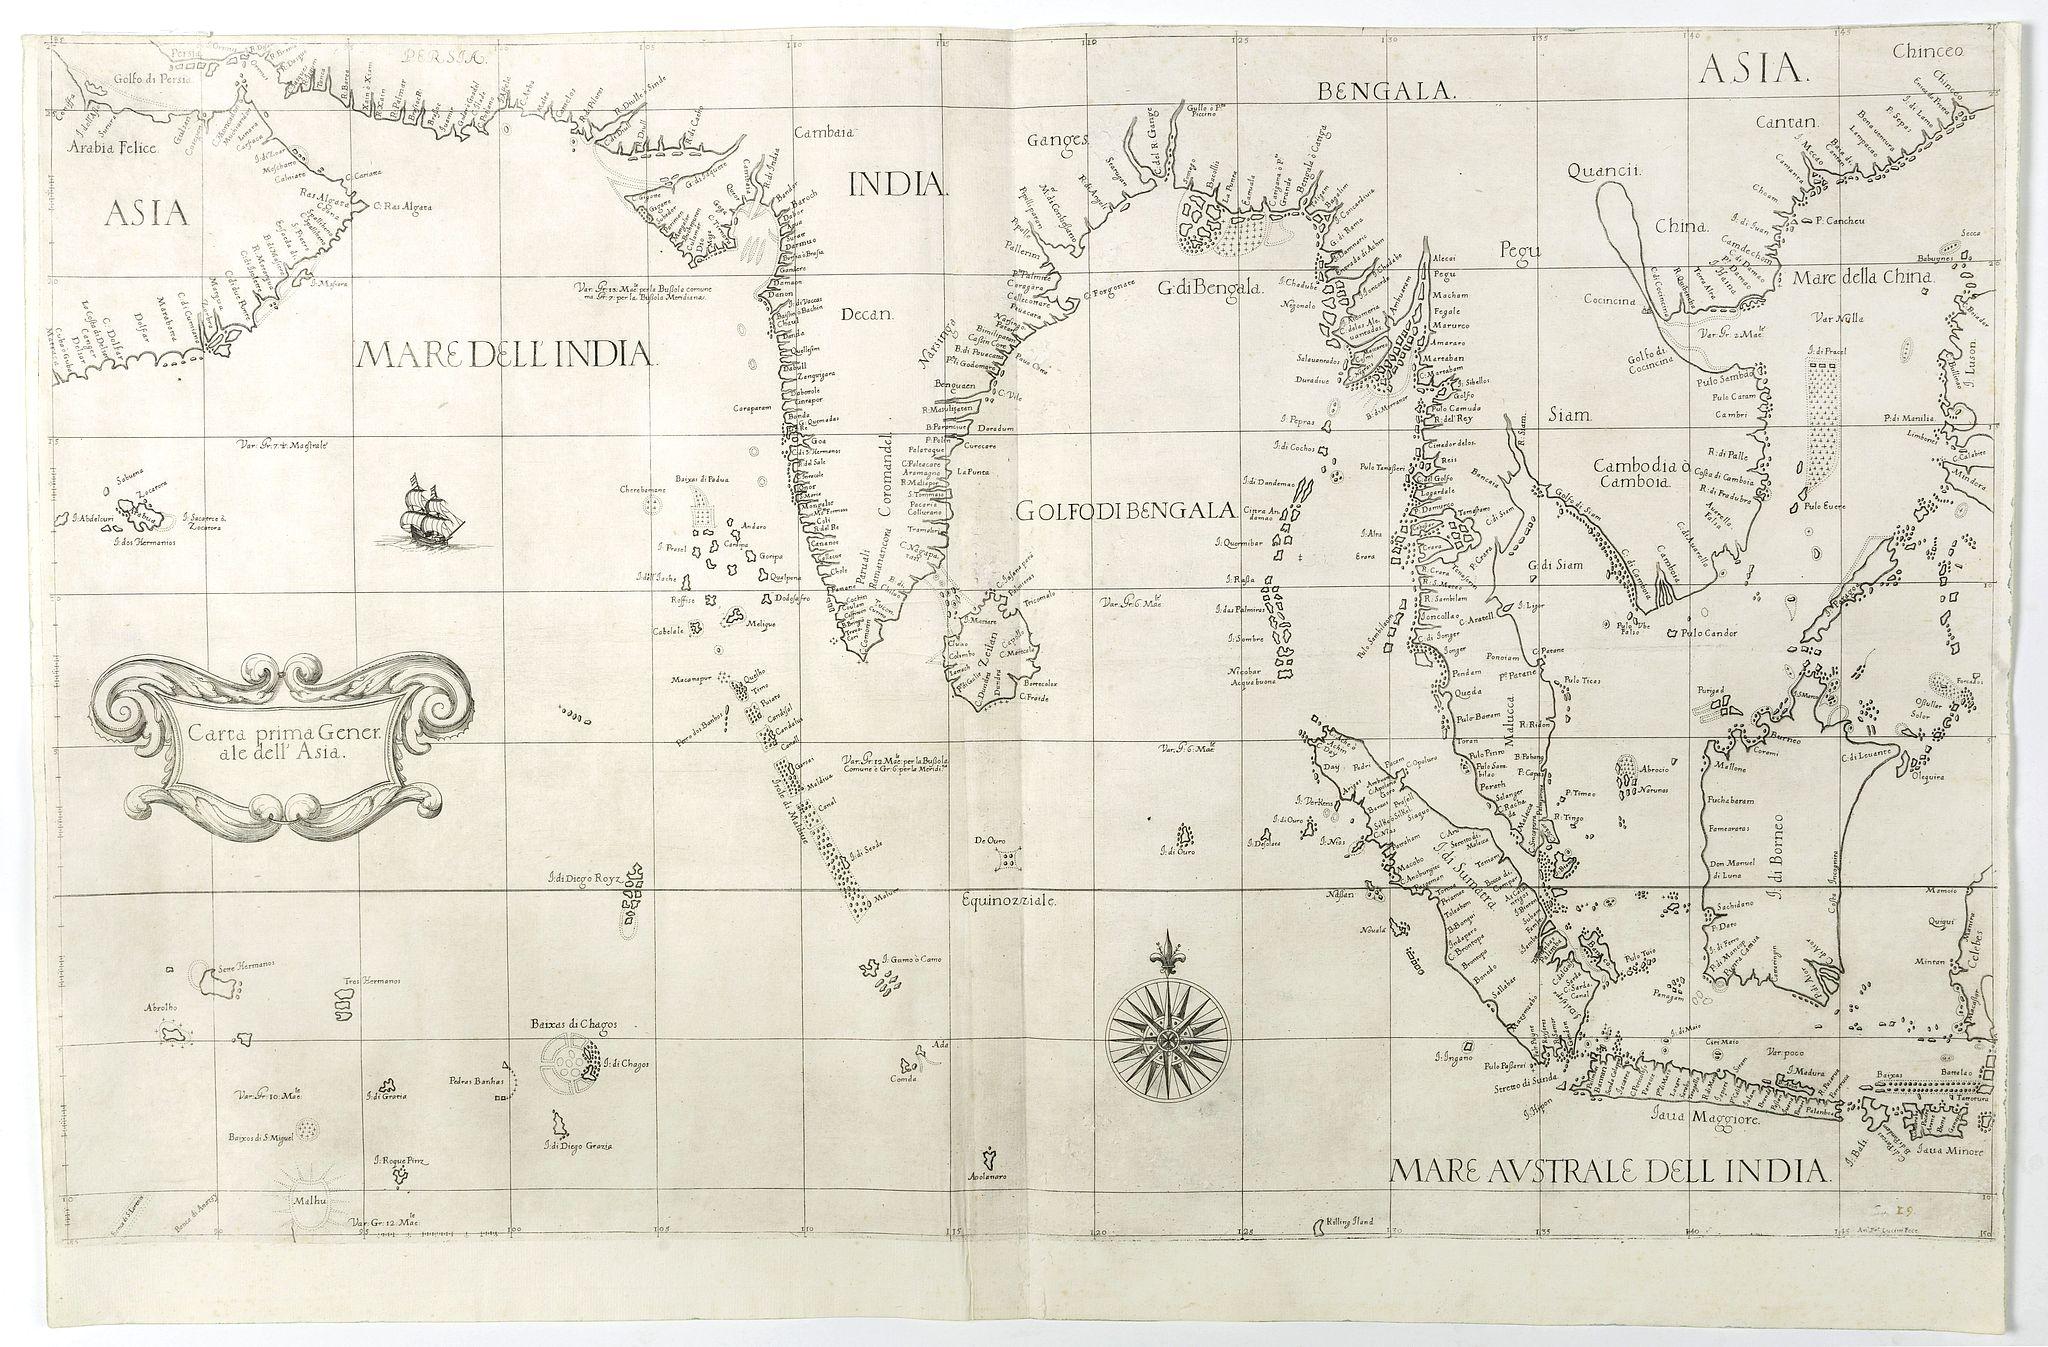 DUDLEY, R. -  Carta prima Generale dell' Asia.